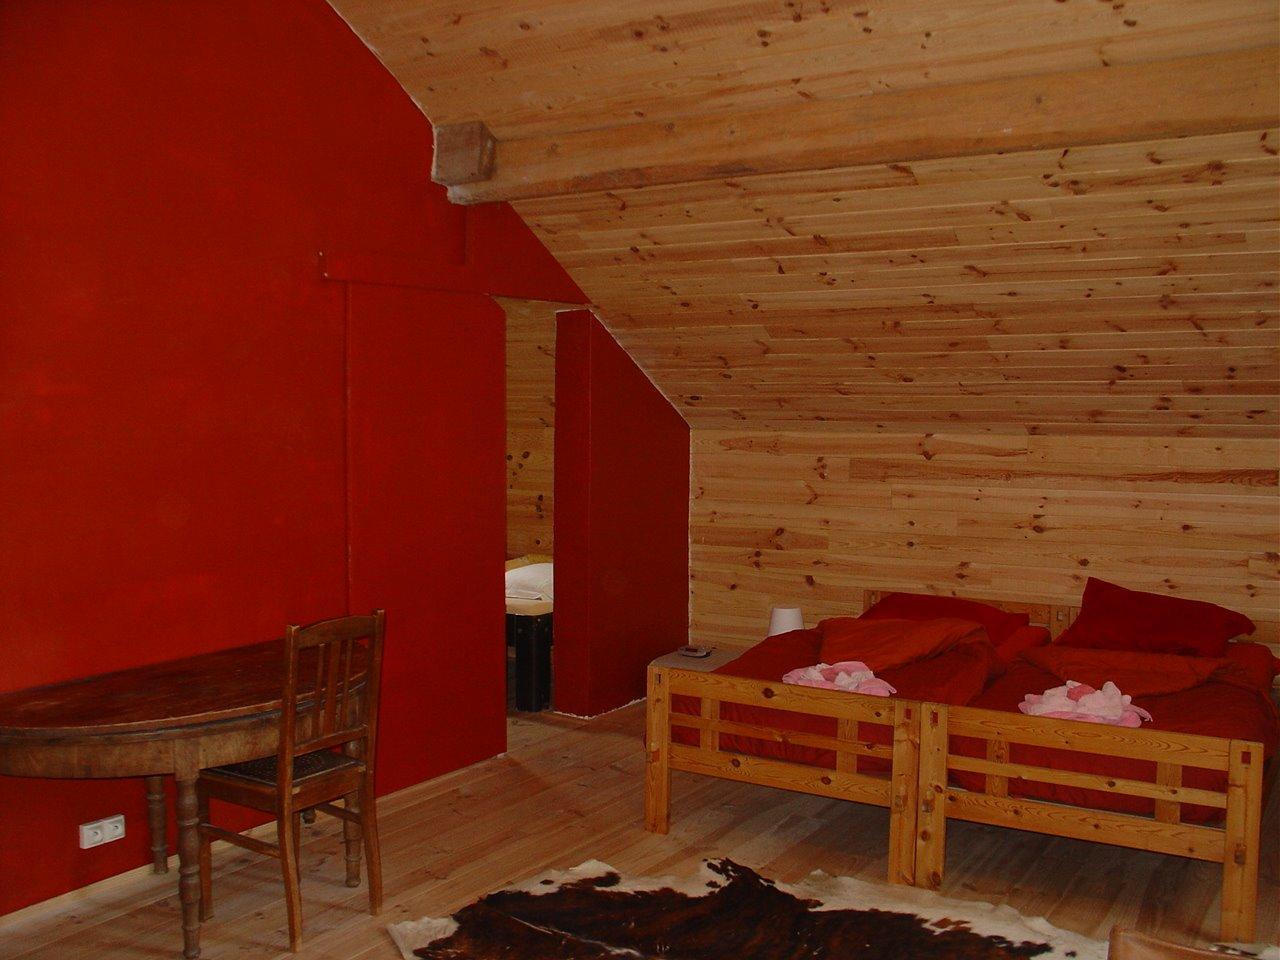 Camping, chambres d'hôtes, gite en woning